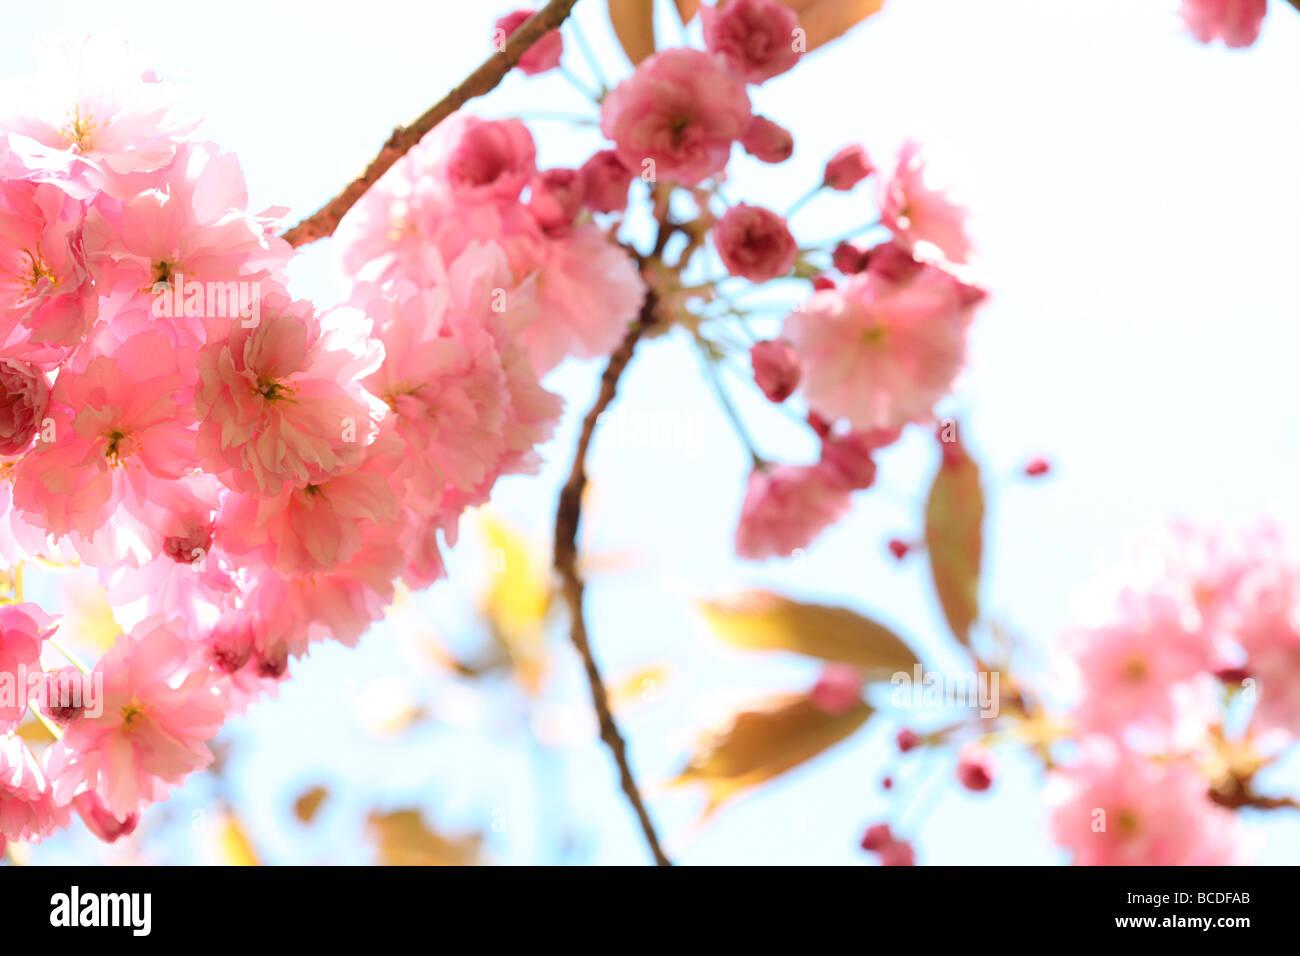 Un assaggio di primavera prunus cherry blossom arte fotografia Jane Ann Butler JABP Fotografia456 Immagini Stock